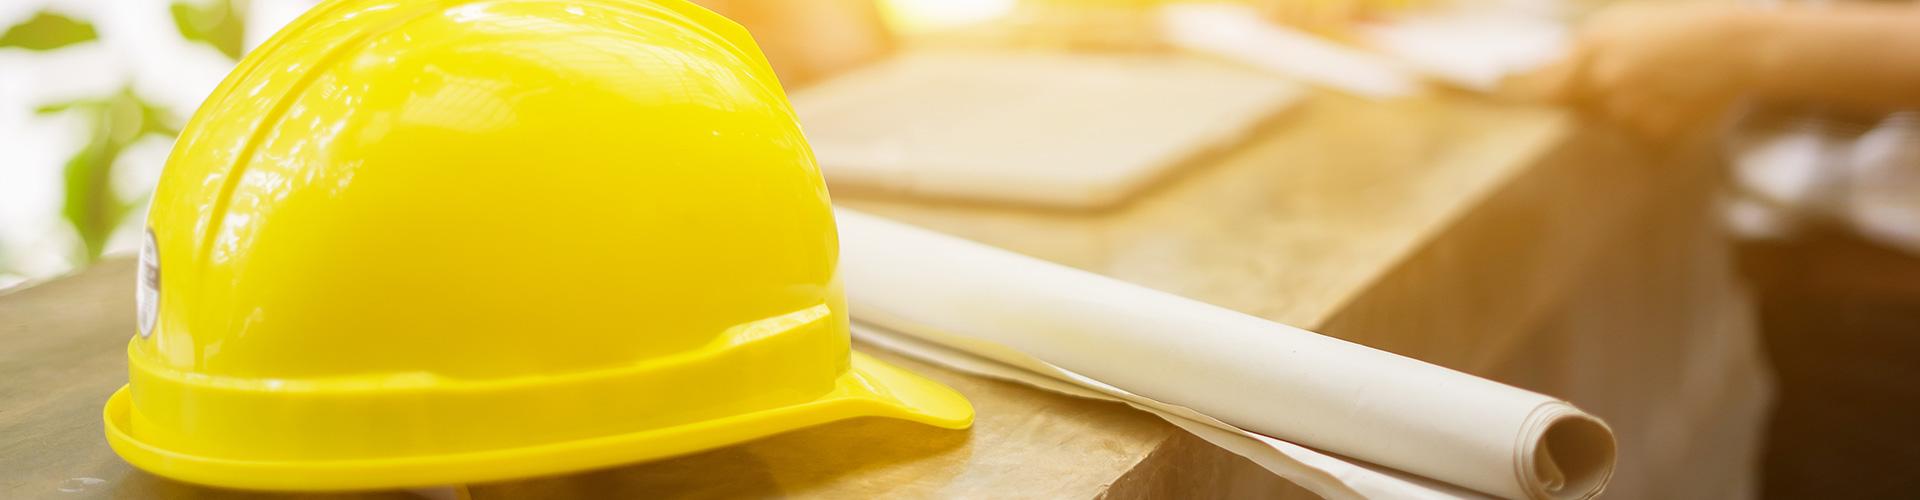 Corso per la sicurezza nei luoghi di lavoro – Aggiornamento dirigenti (6 ore)